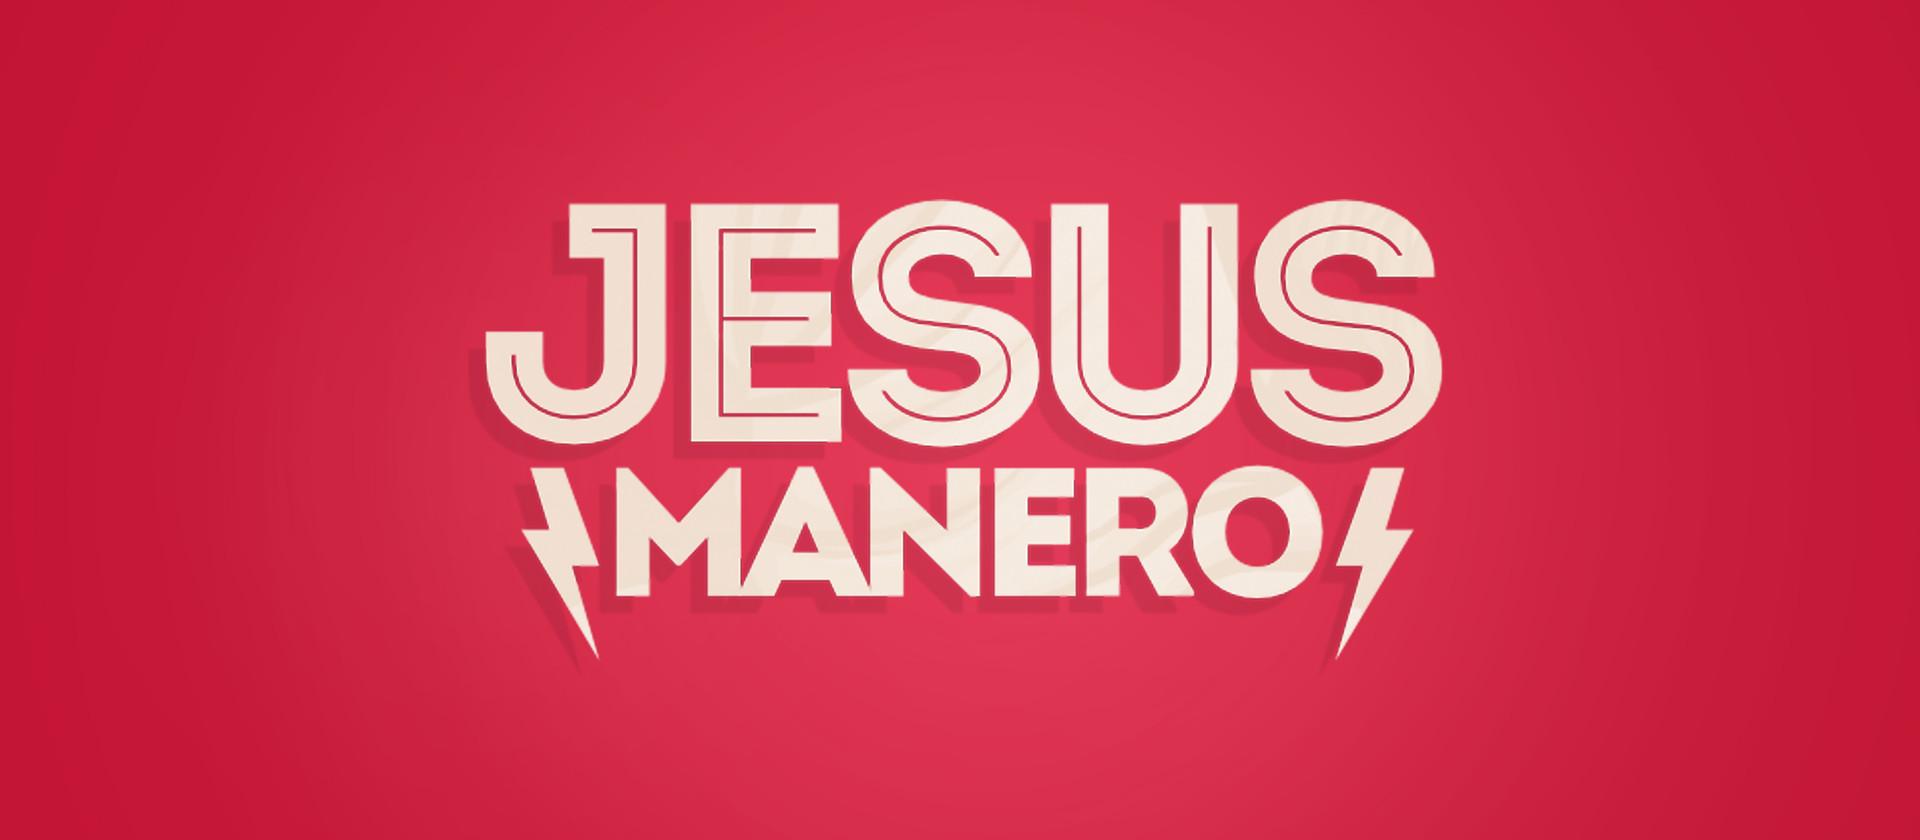 Gabirotcho jesus manero logo